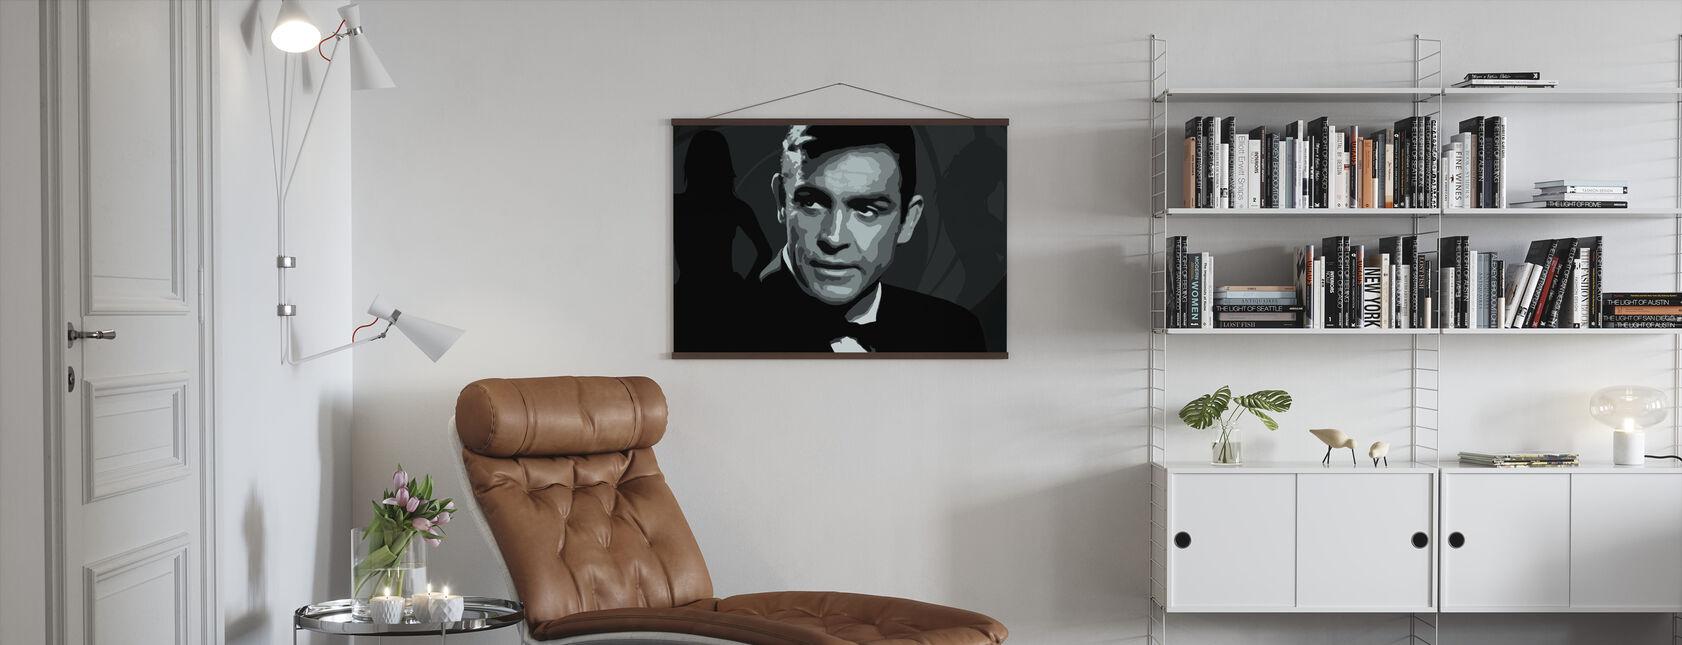 Bond - Poster - Living Room